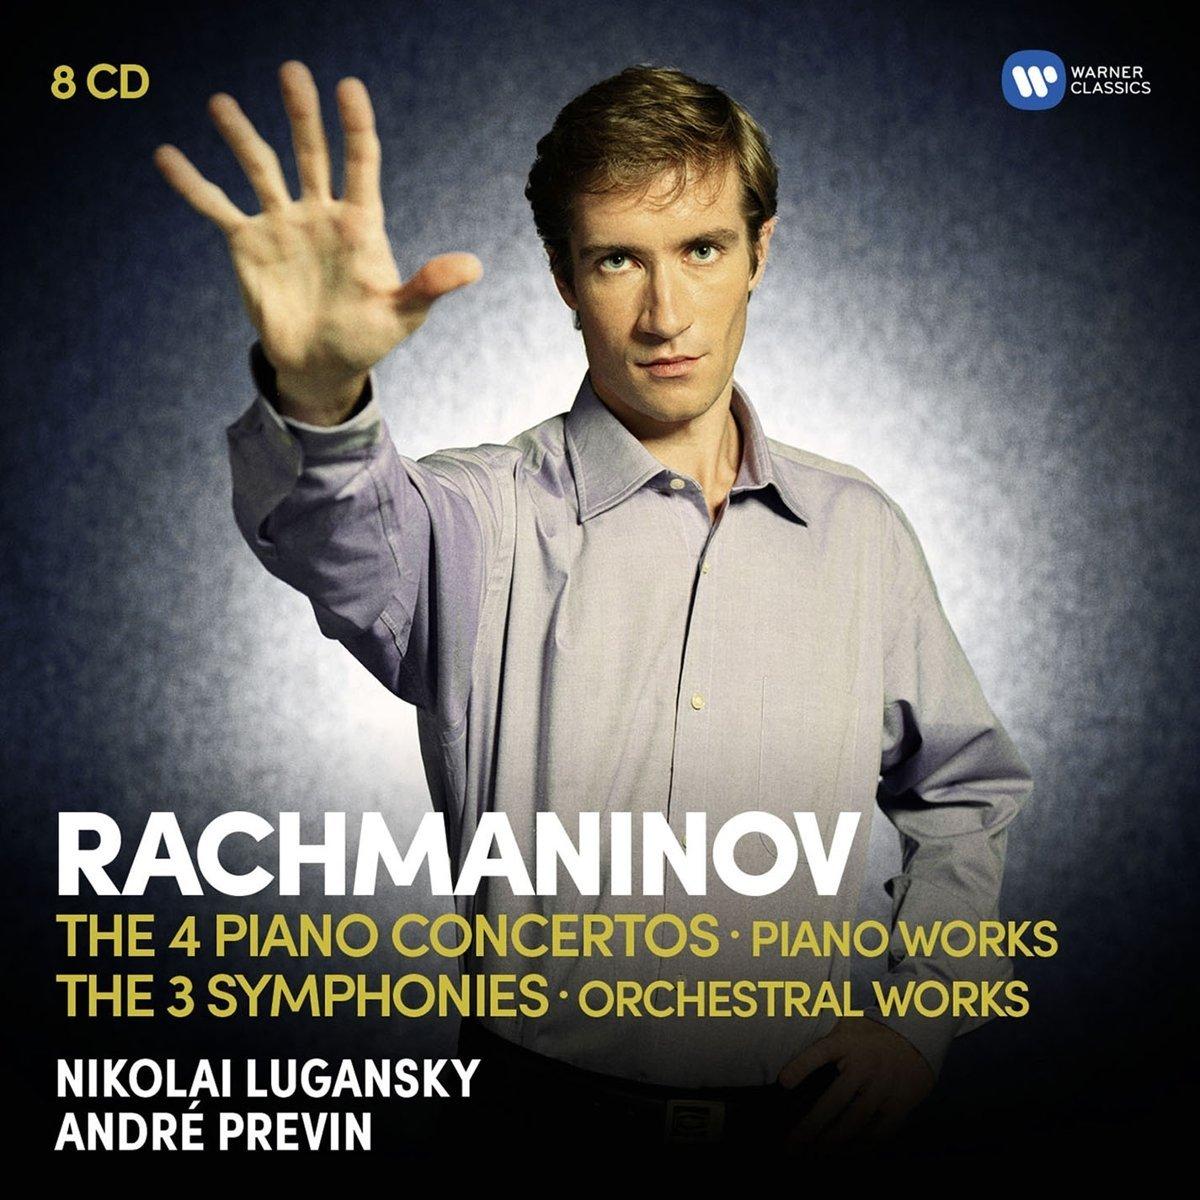 Rachmaninov The Piano Concertos Symphonies